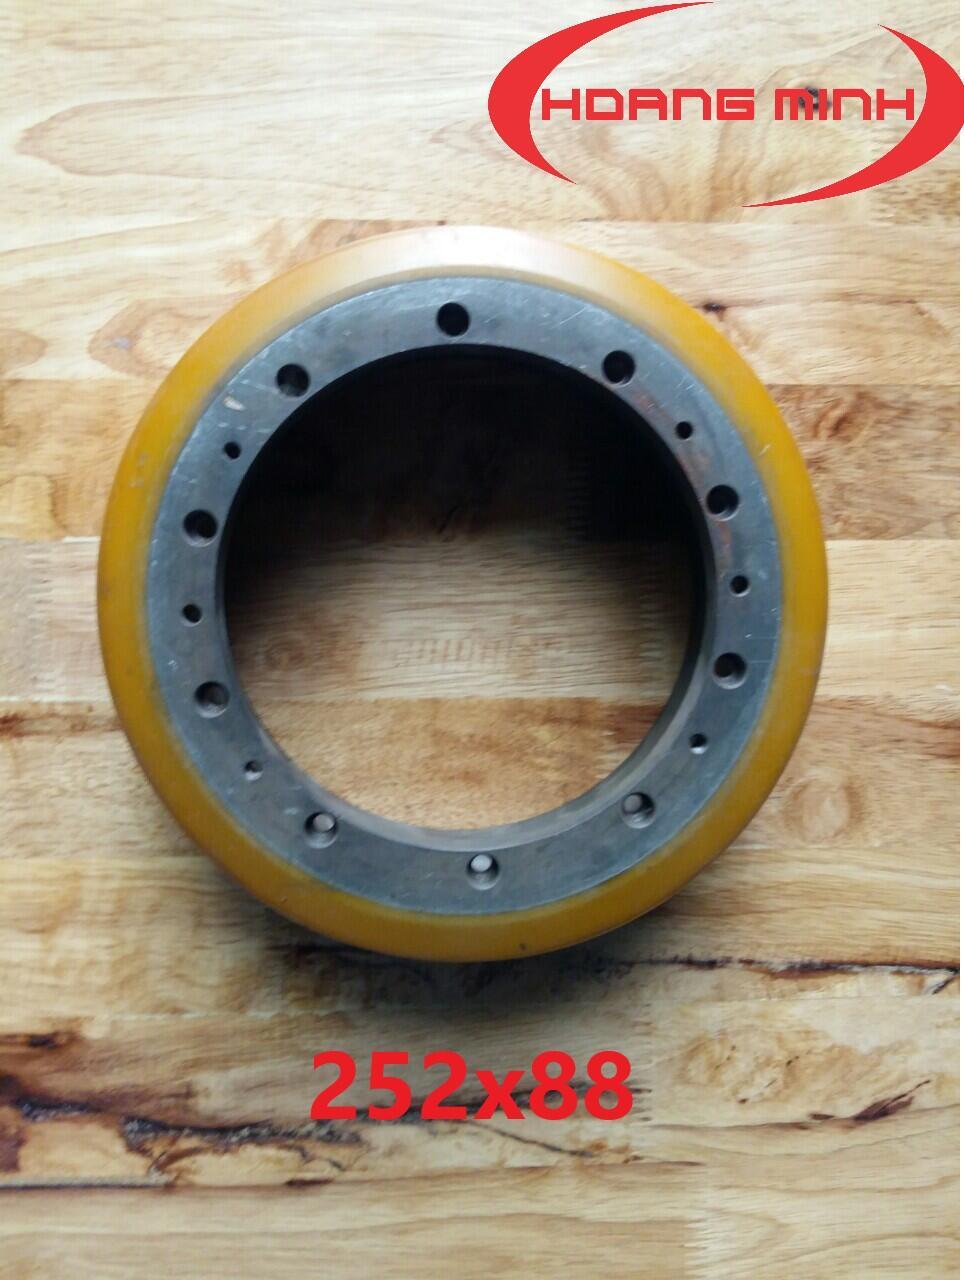 bánh xe nâng điện stacker 252x88